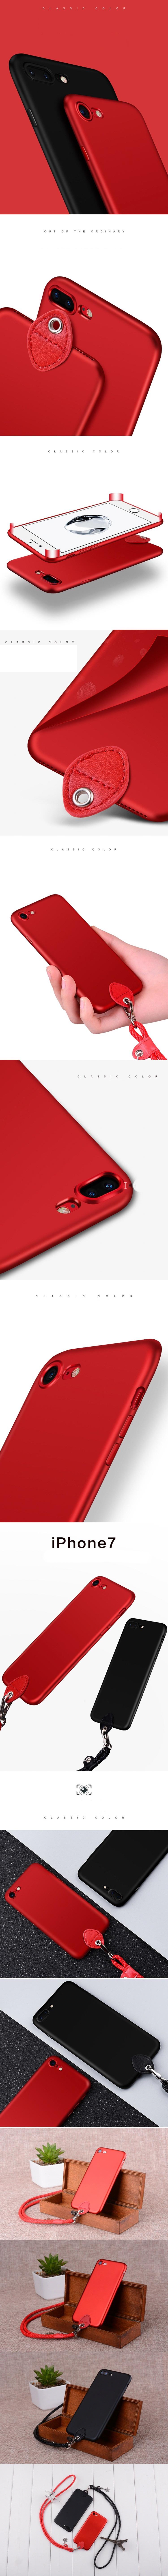 Ốp Điện Thoại Có Dây Đeo Cho iPhone 7P / 8P 5.5 inch Pizza- Đỏ